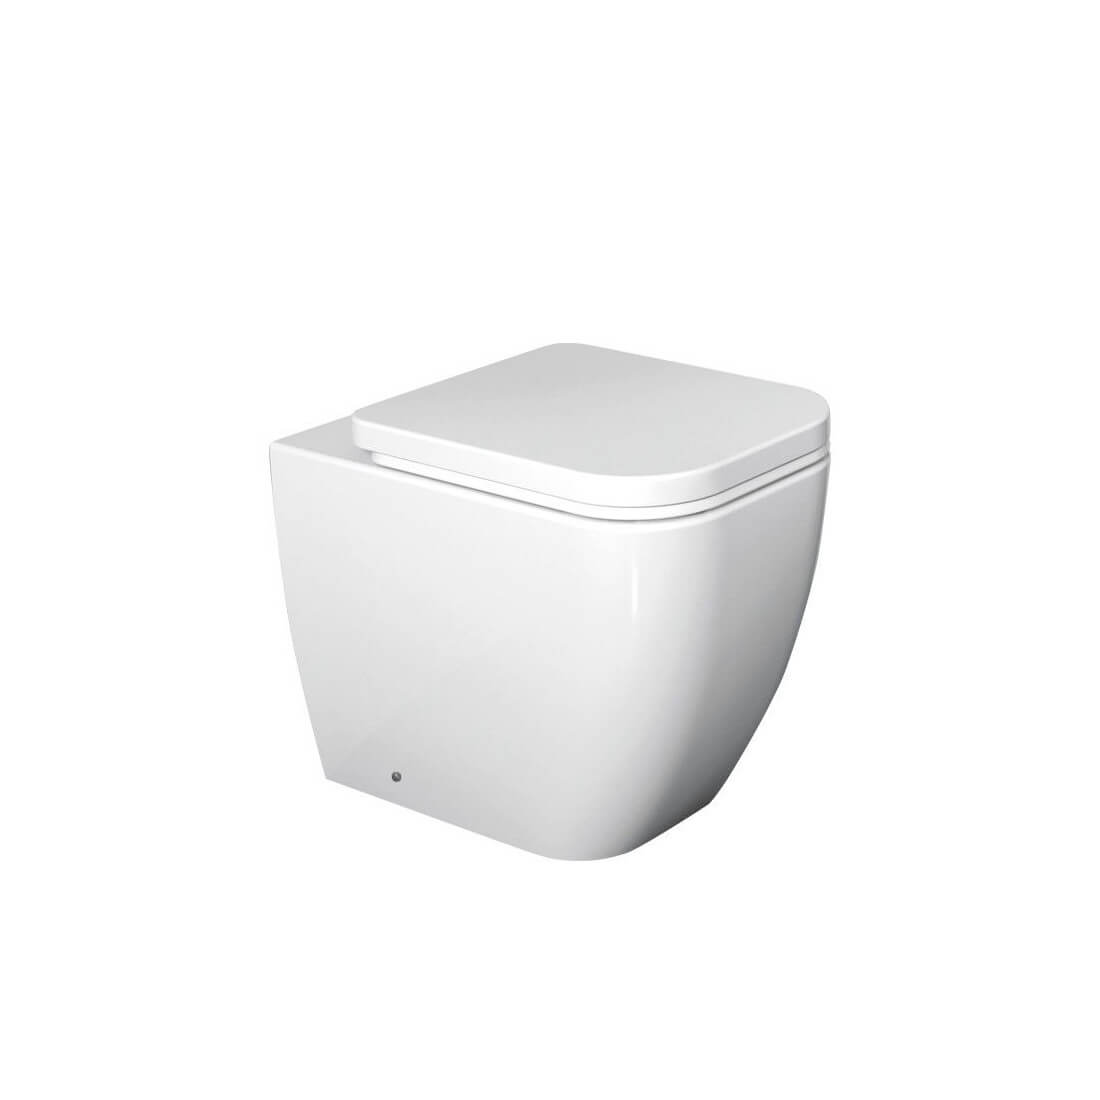 comprar inodoro sin cisterna compacto duomo